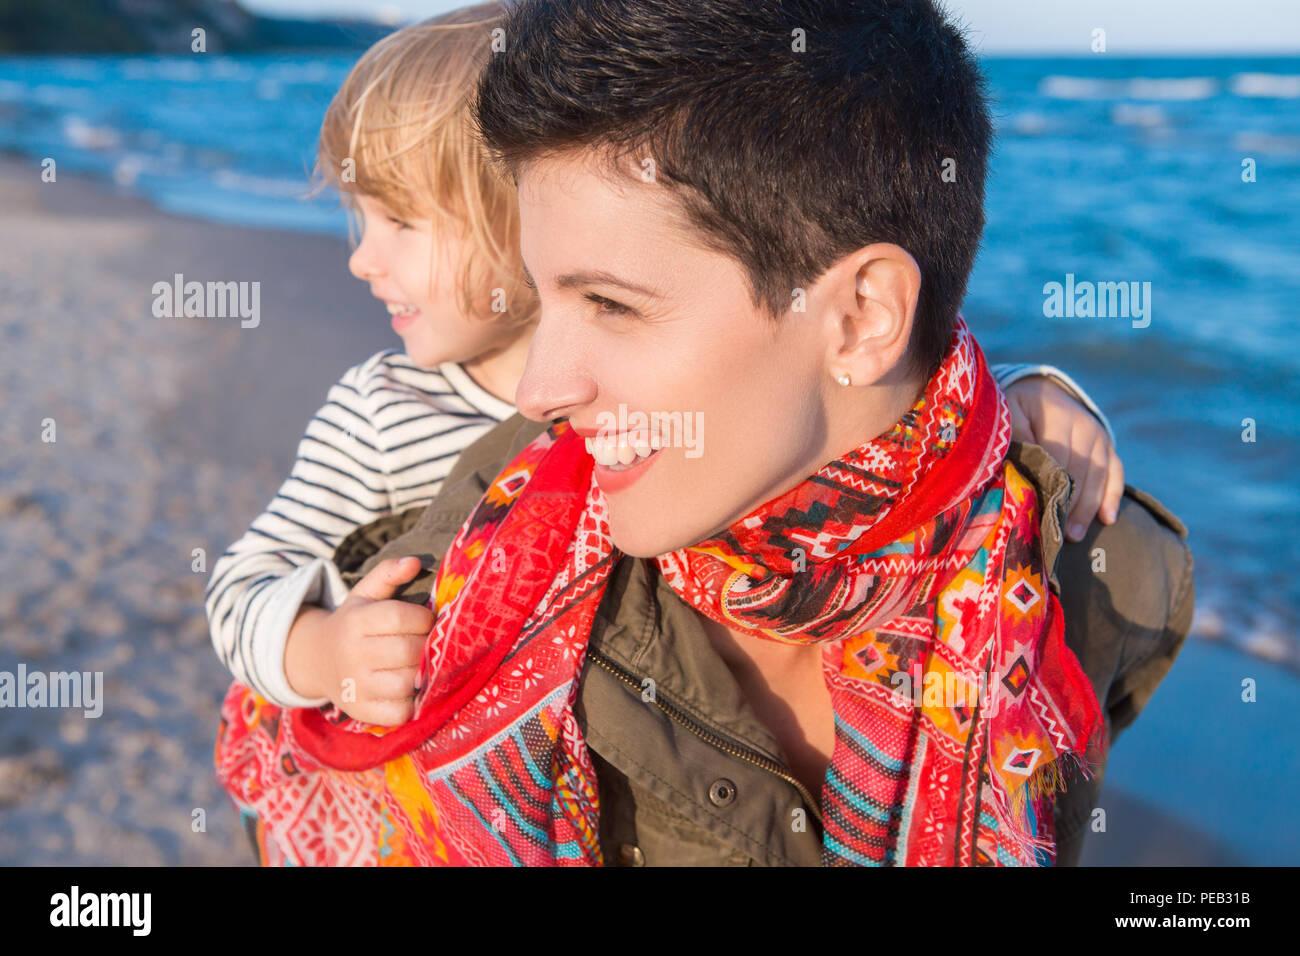 Ritratto di gruppo di sorridere white Caucasian madre e figlia bambina, piggy back riding, giocando in esecuzione sul mare oceano spiaggia al tramonto all'aperto, hap Immagini Stock